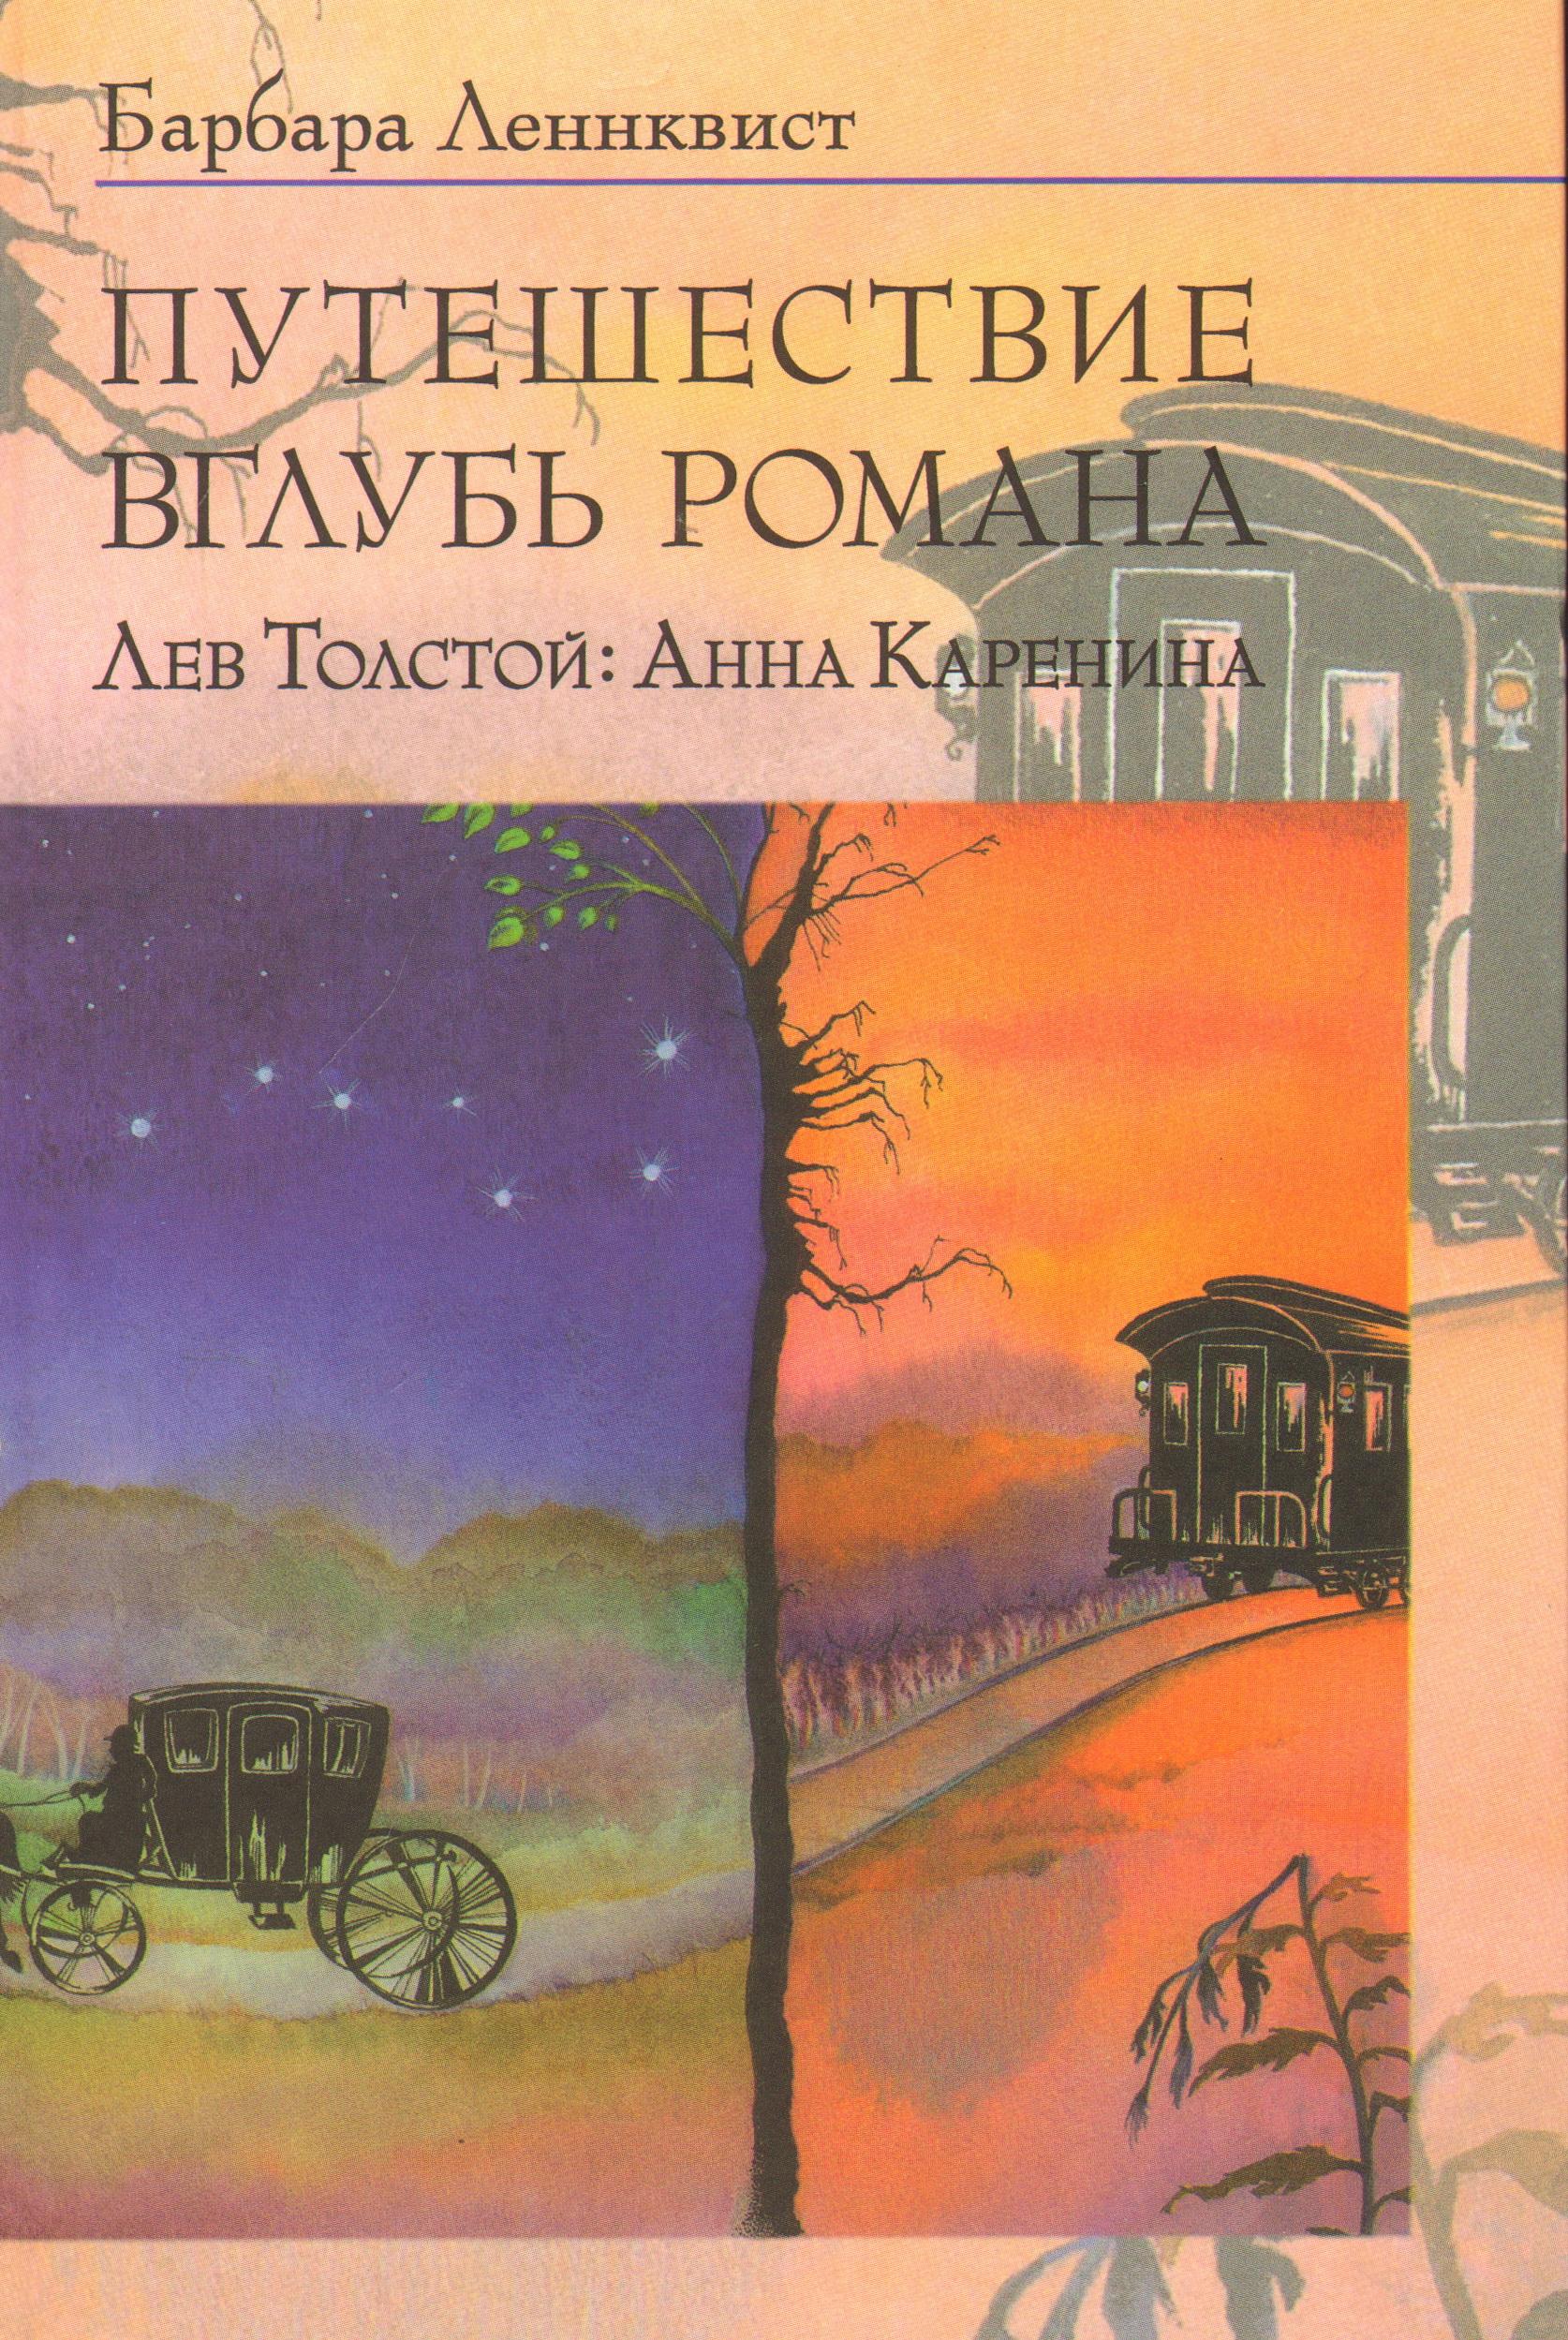 Леннквист Б. Путешествие вглубь романа. Лев Толстой: Анна Каренина.